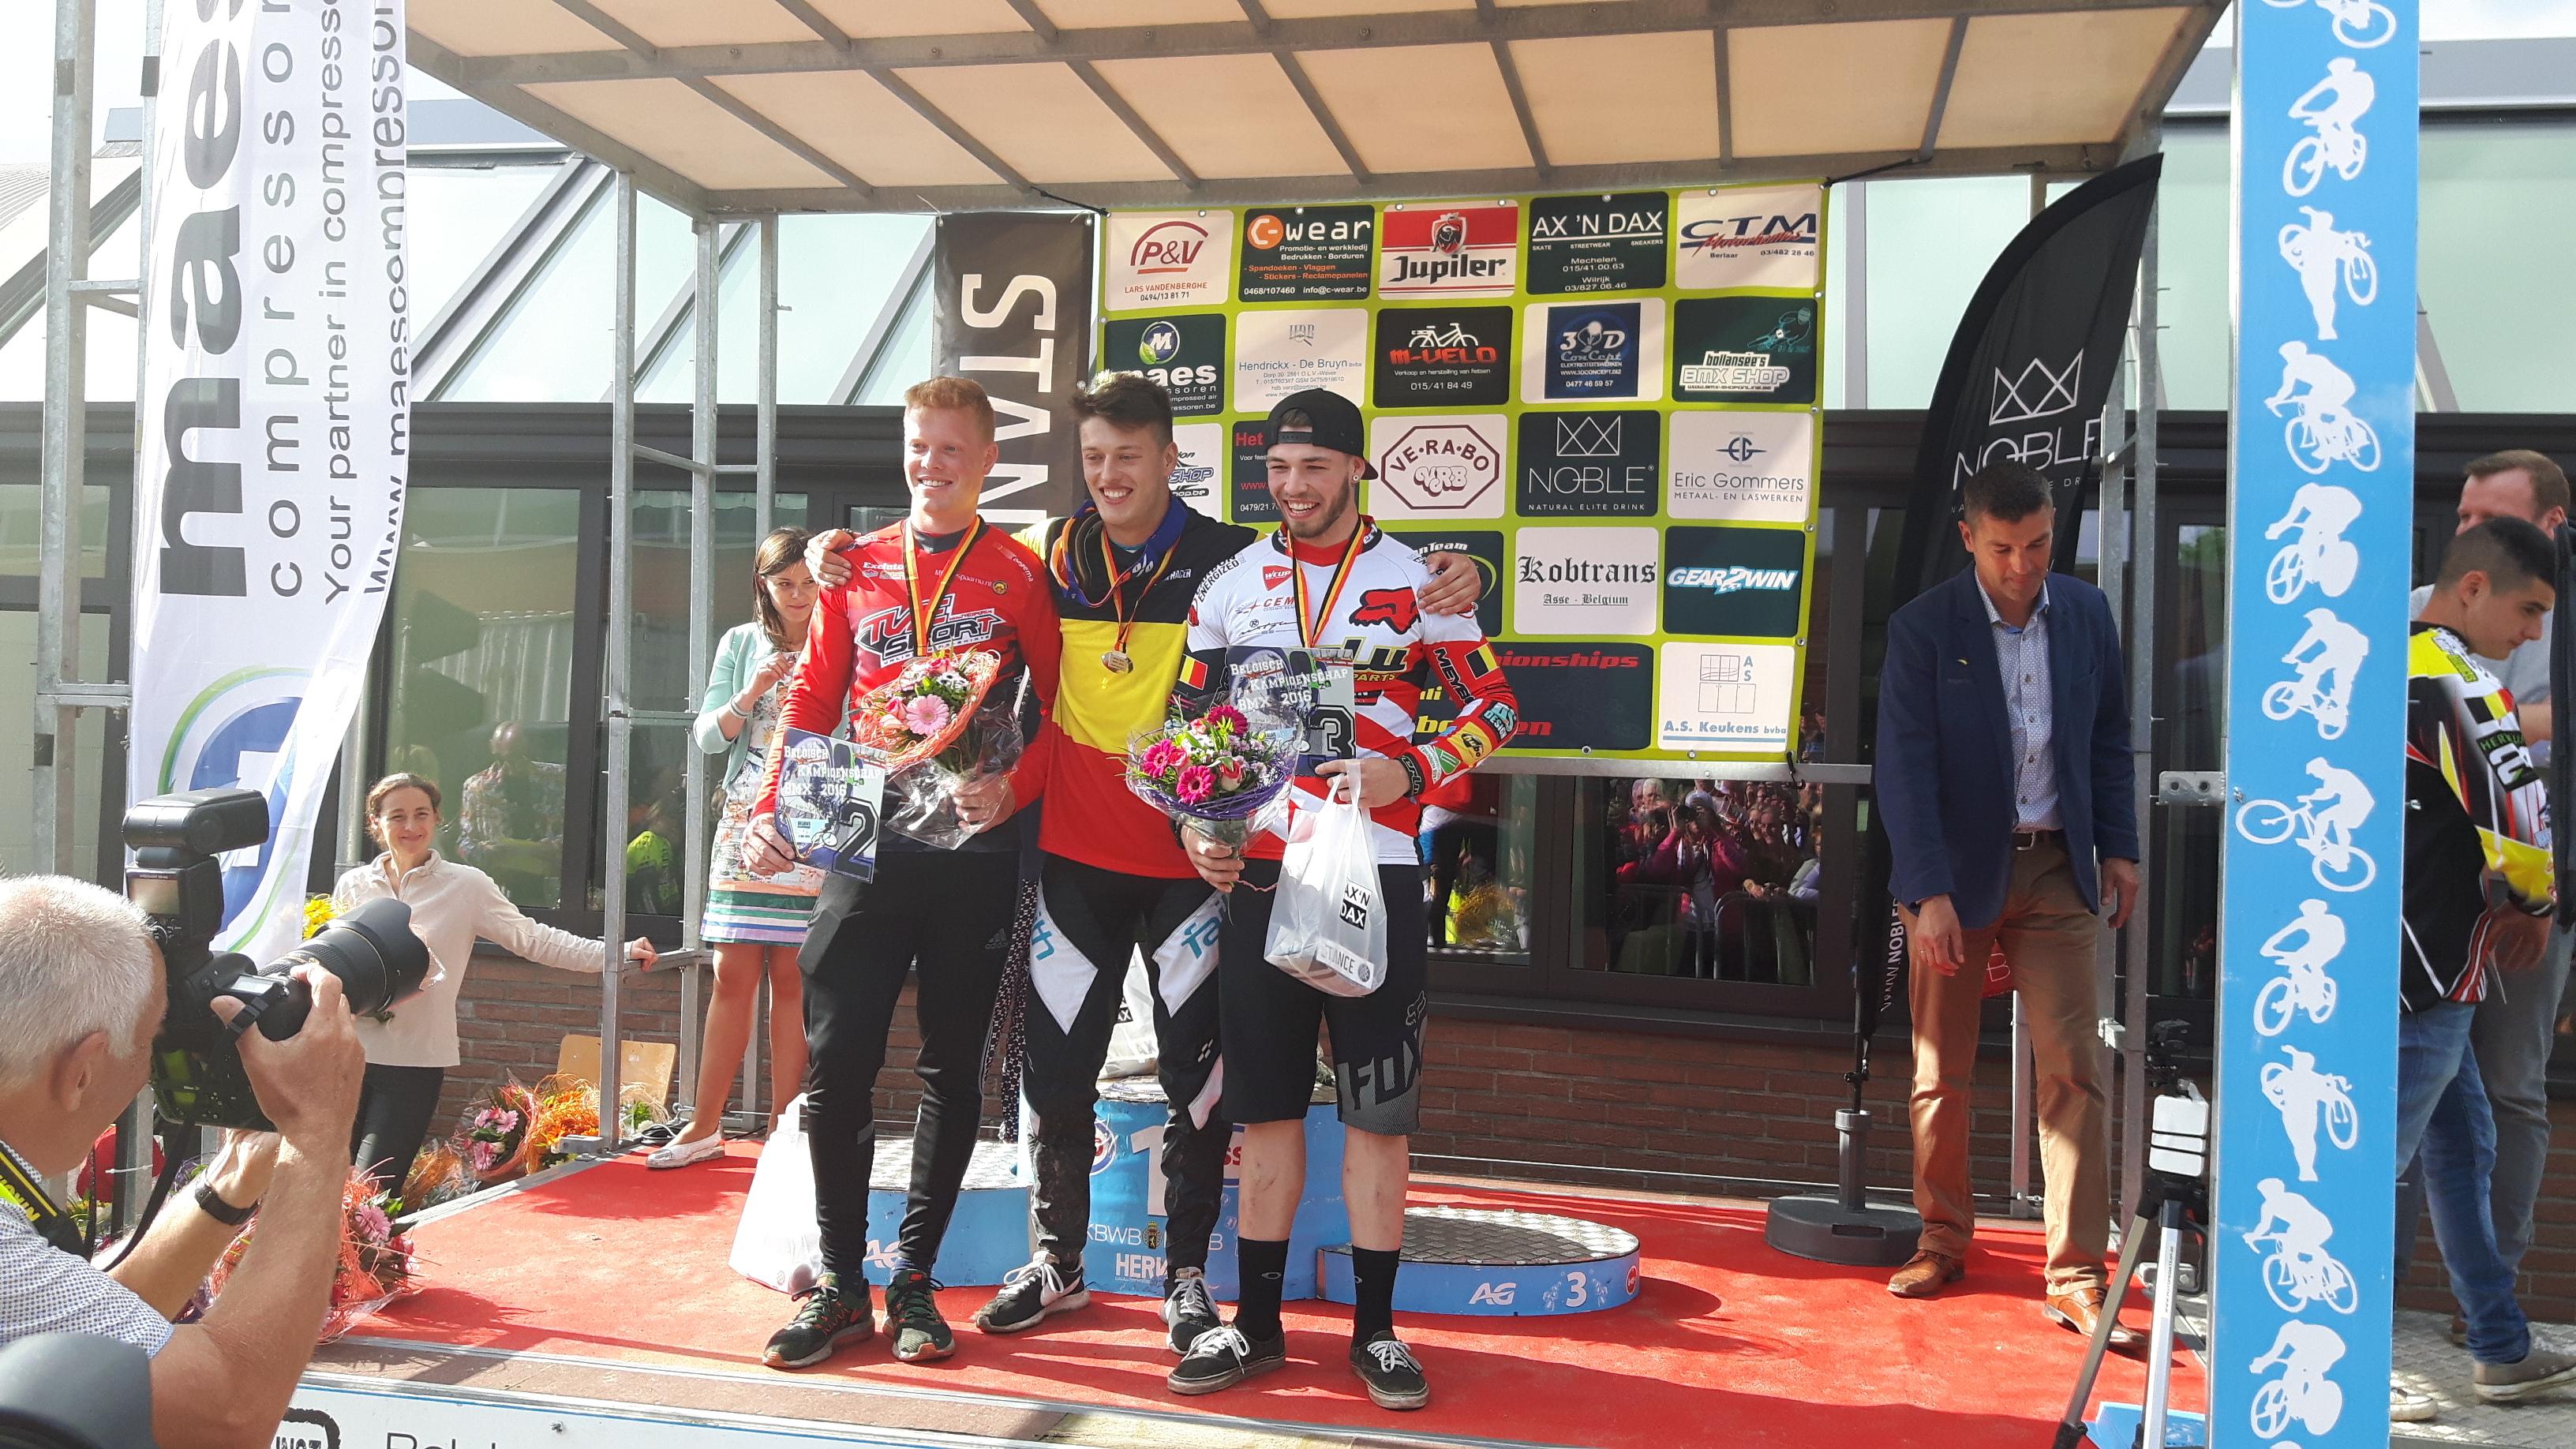 BMX 2000 DESSEL succesvol op het kampioenschap van België